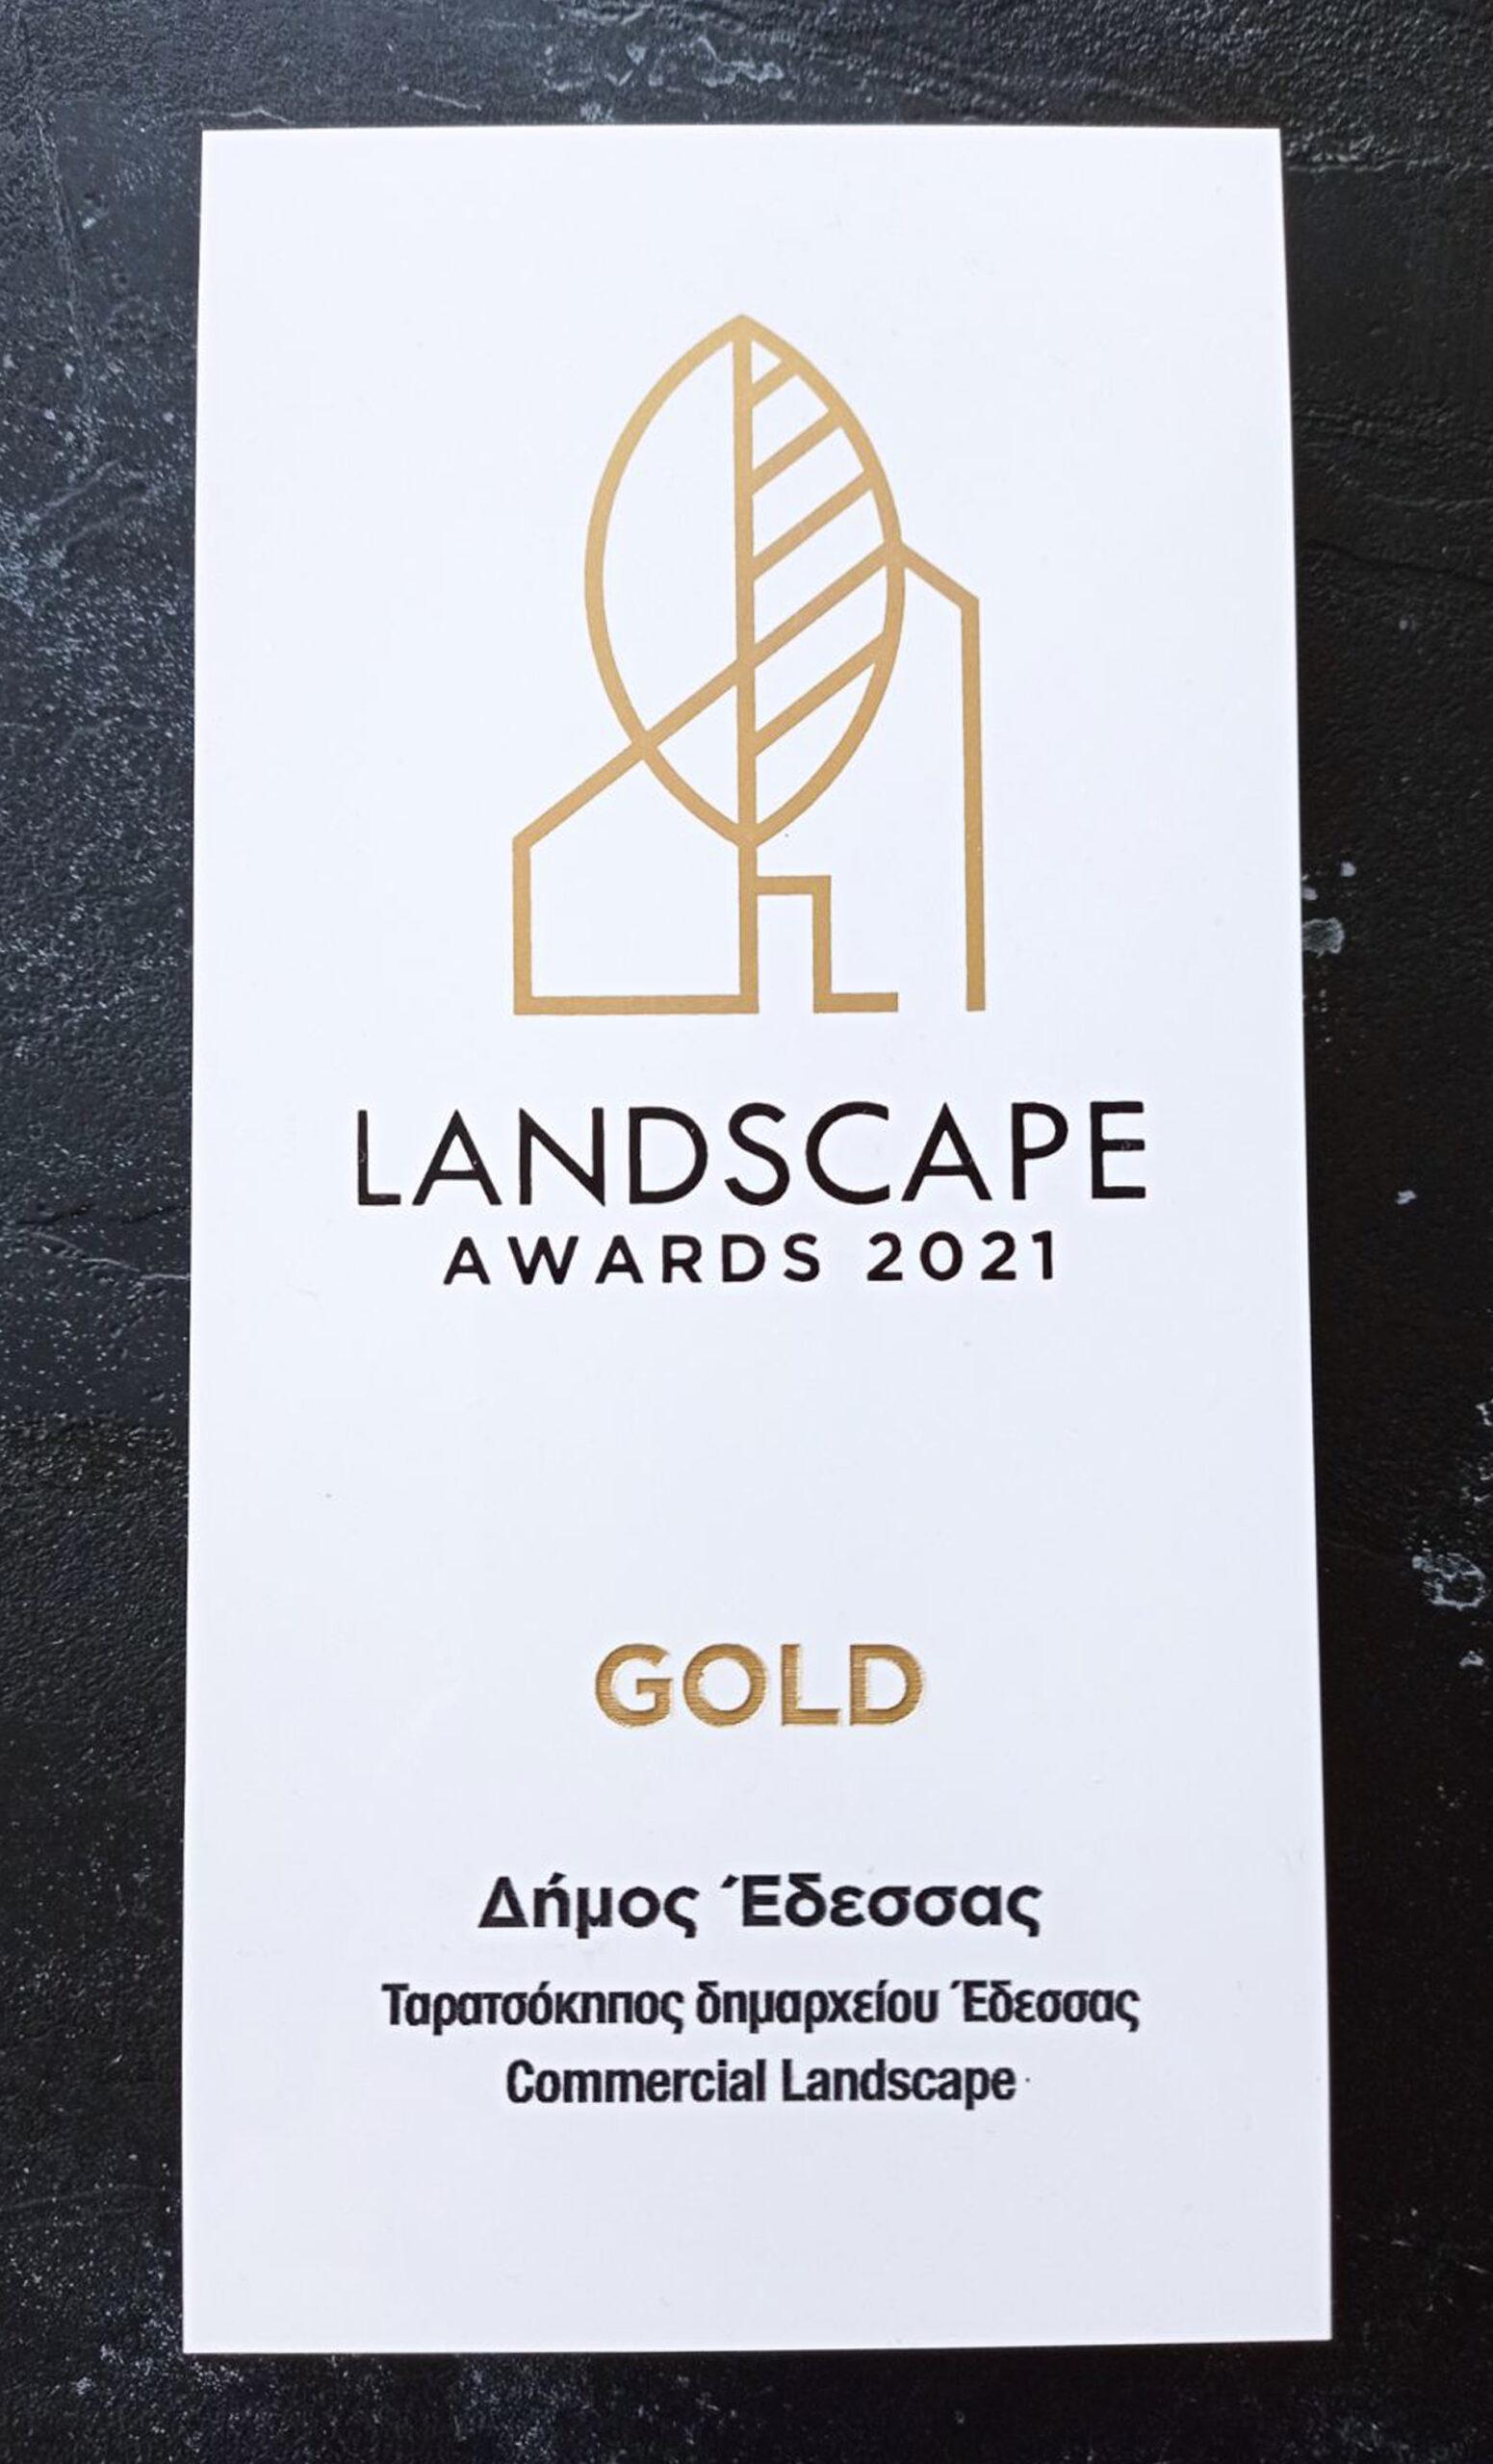 Landscape Awards 2021